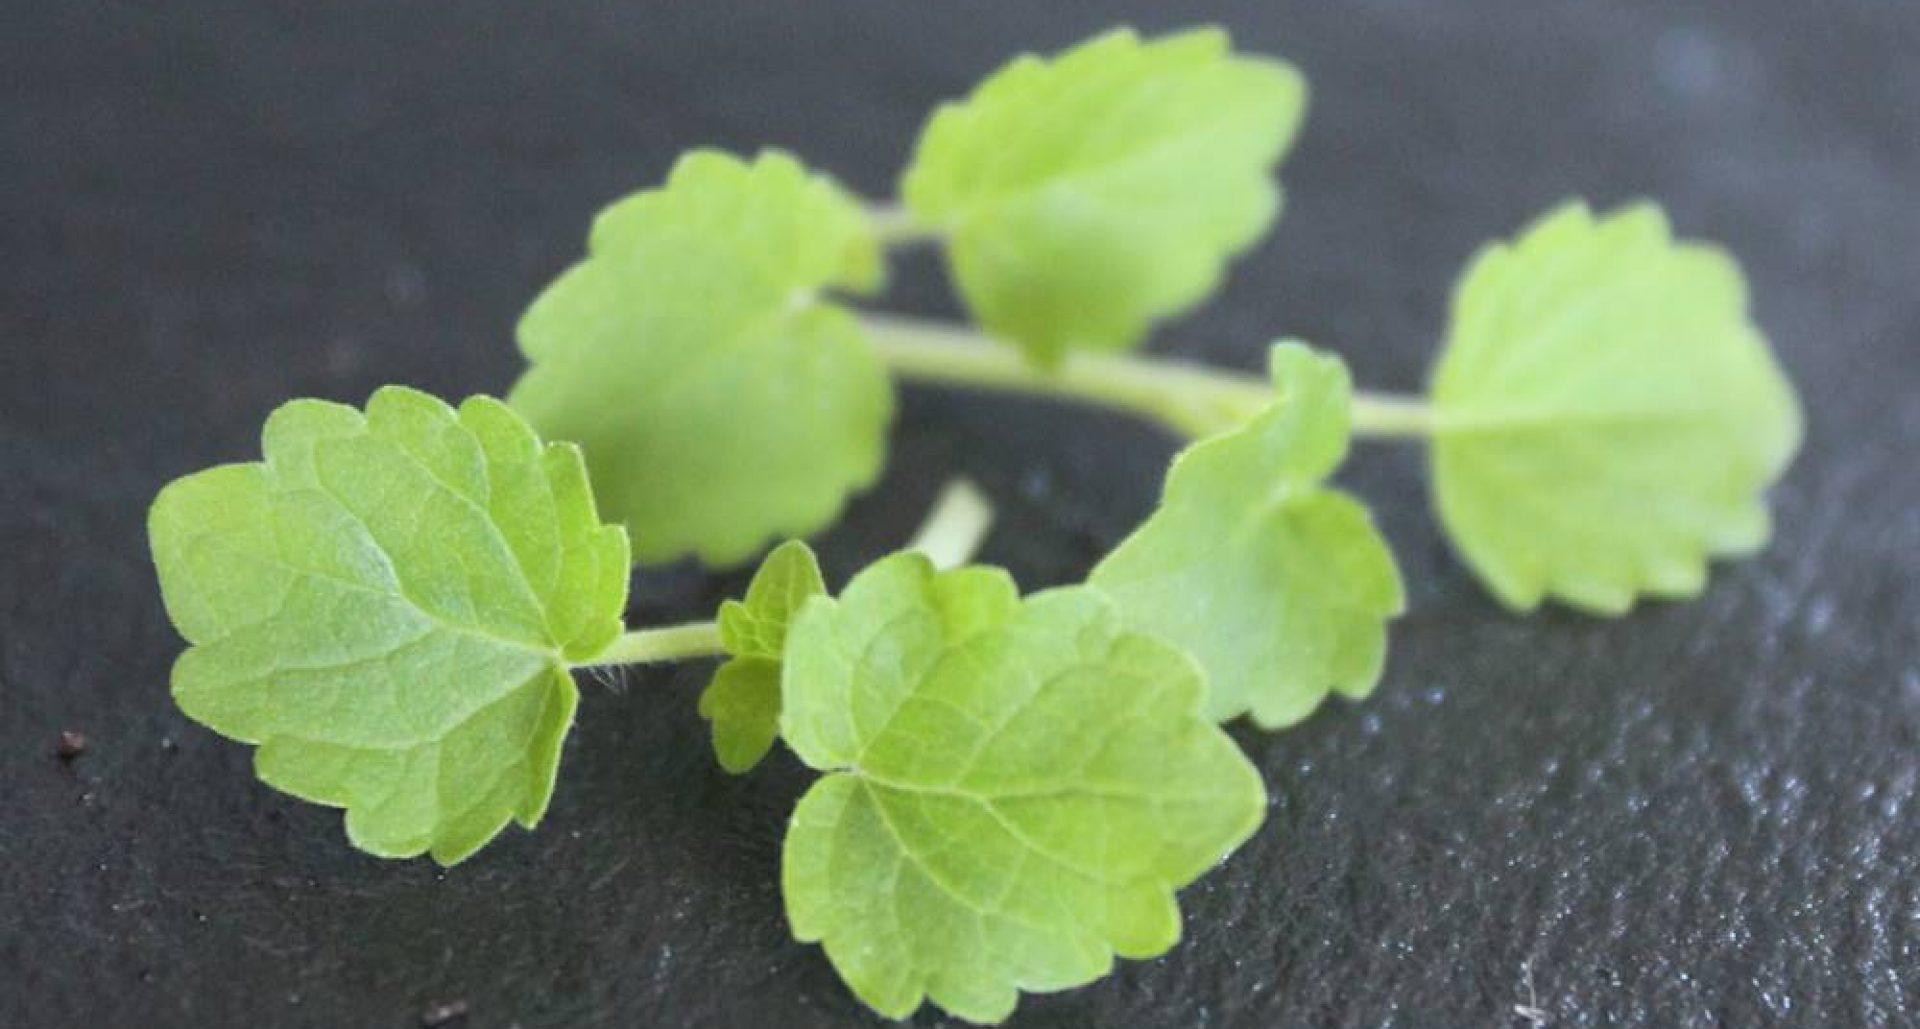 kiemgroenten, cressen en tuinkers Jettocress